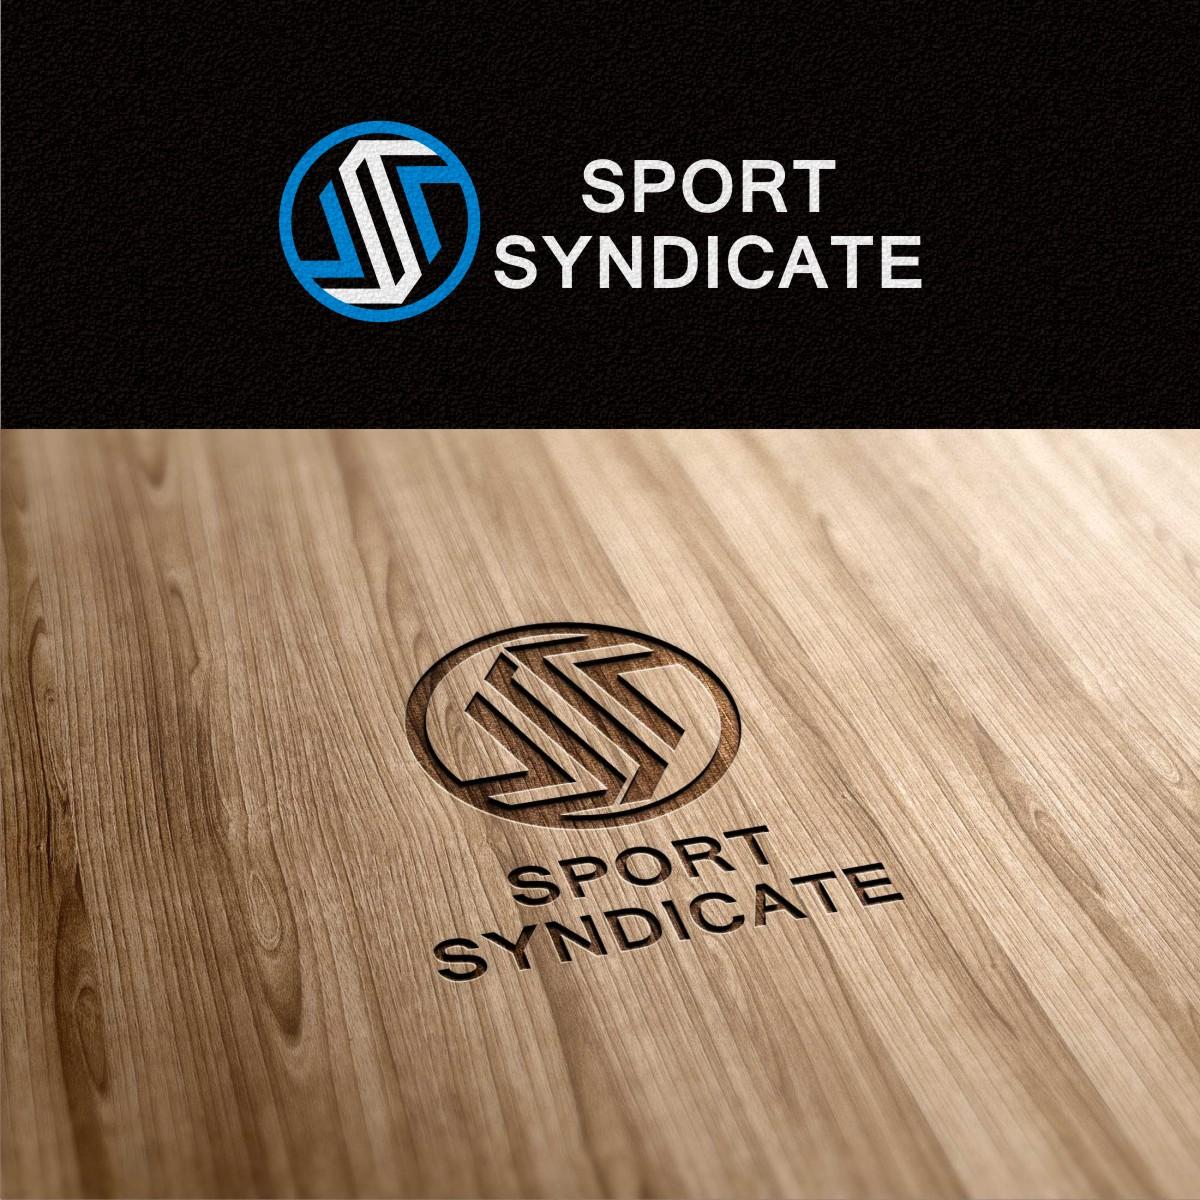 Создать логотип для сети магазинов спортивного питания фото f_1215977bfcce5bc6.jpg